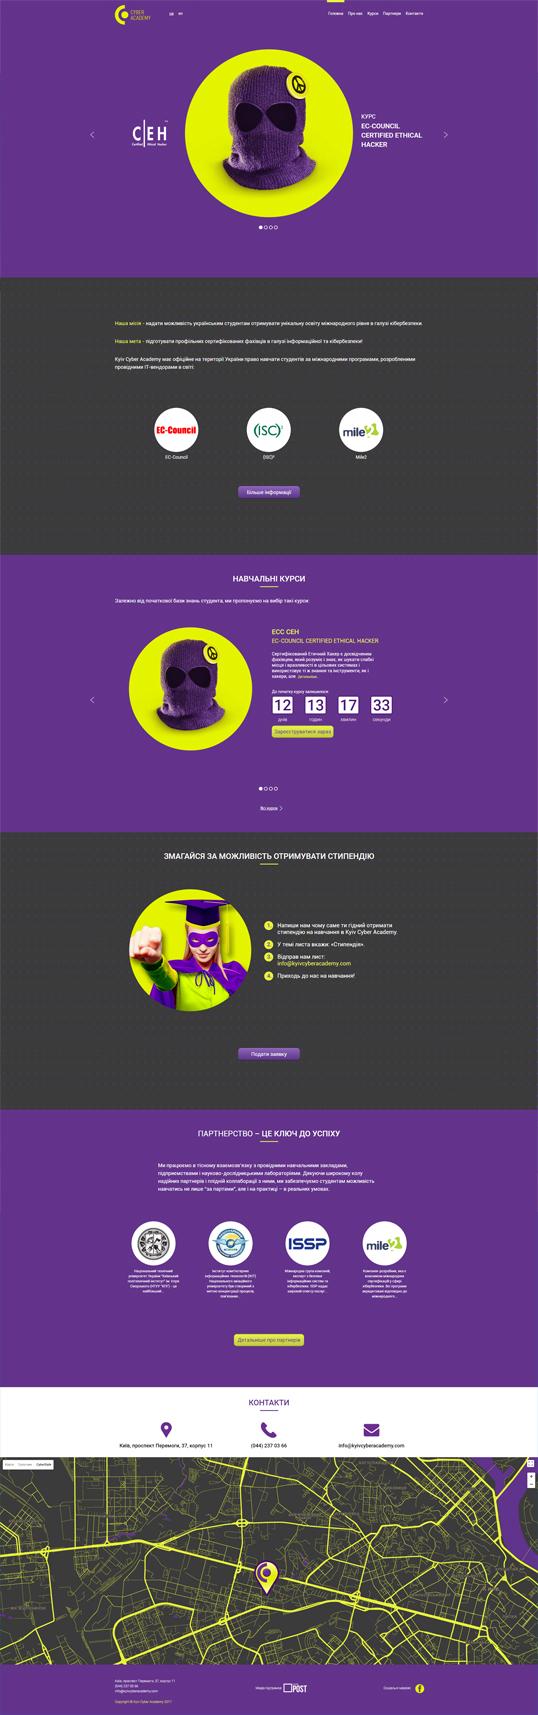 Дизайн, разработка и создание сайта Kyiv Cyber Academy - 1